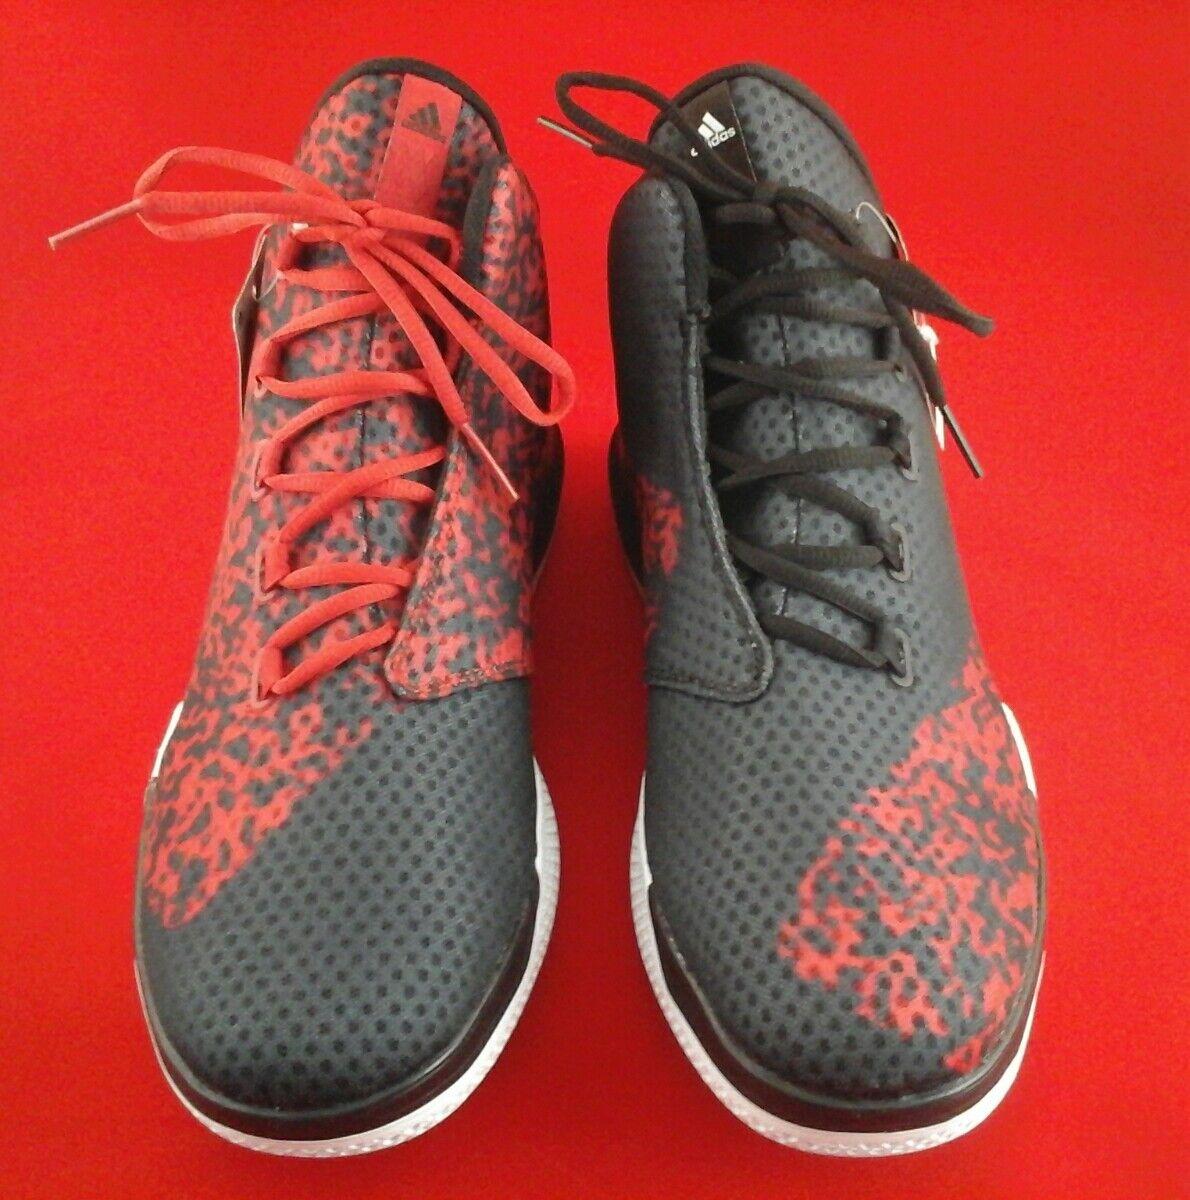 Adidas auf basketball - - schuhe bei nba - basketball d70129 rot - schwarze us - 11,5 selten neue 1cd061